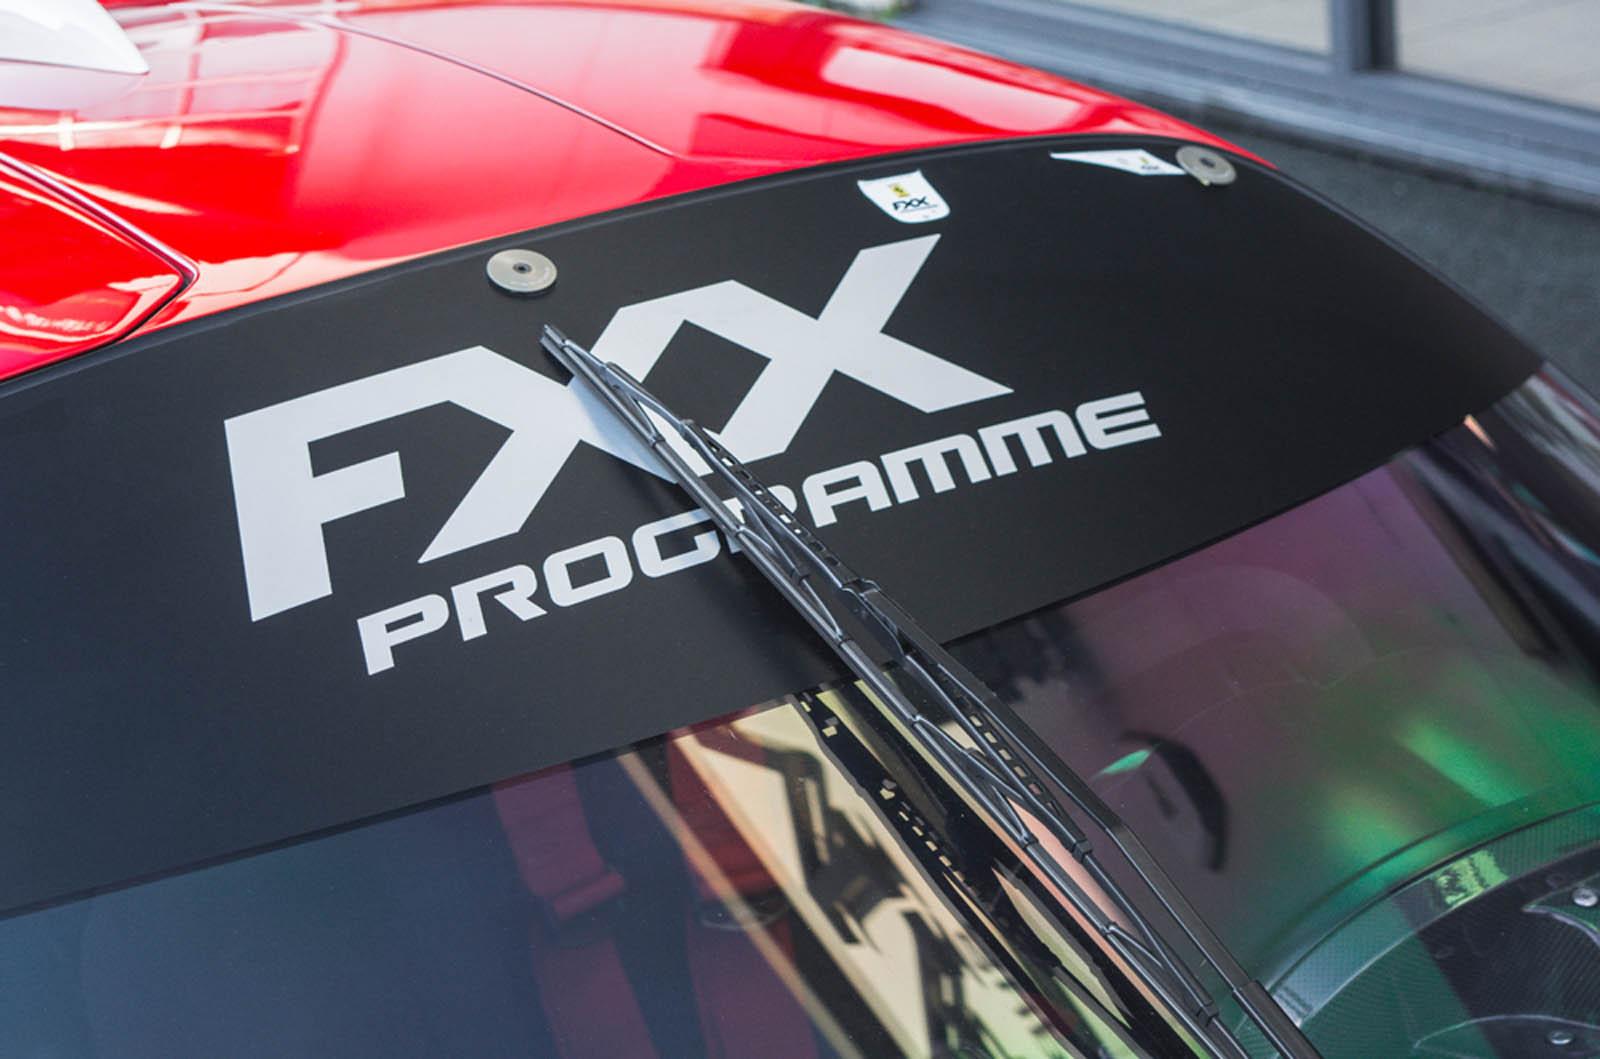 Ferrari_FXX_Evoluzione_for_sale_02